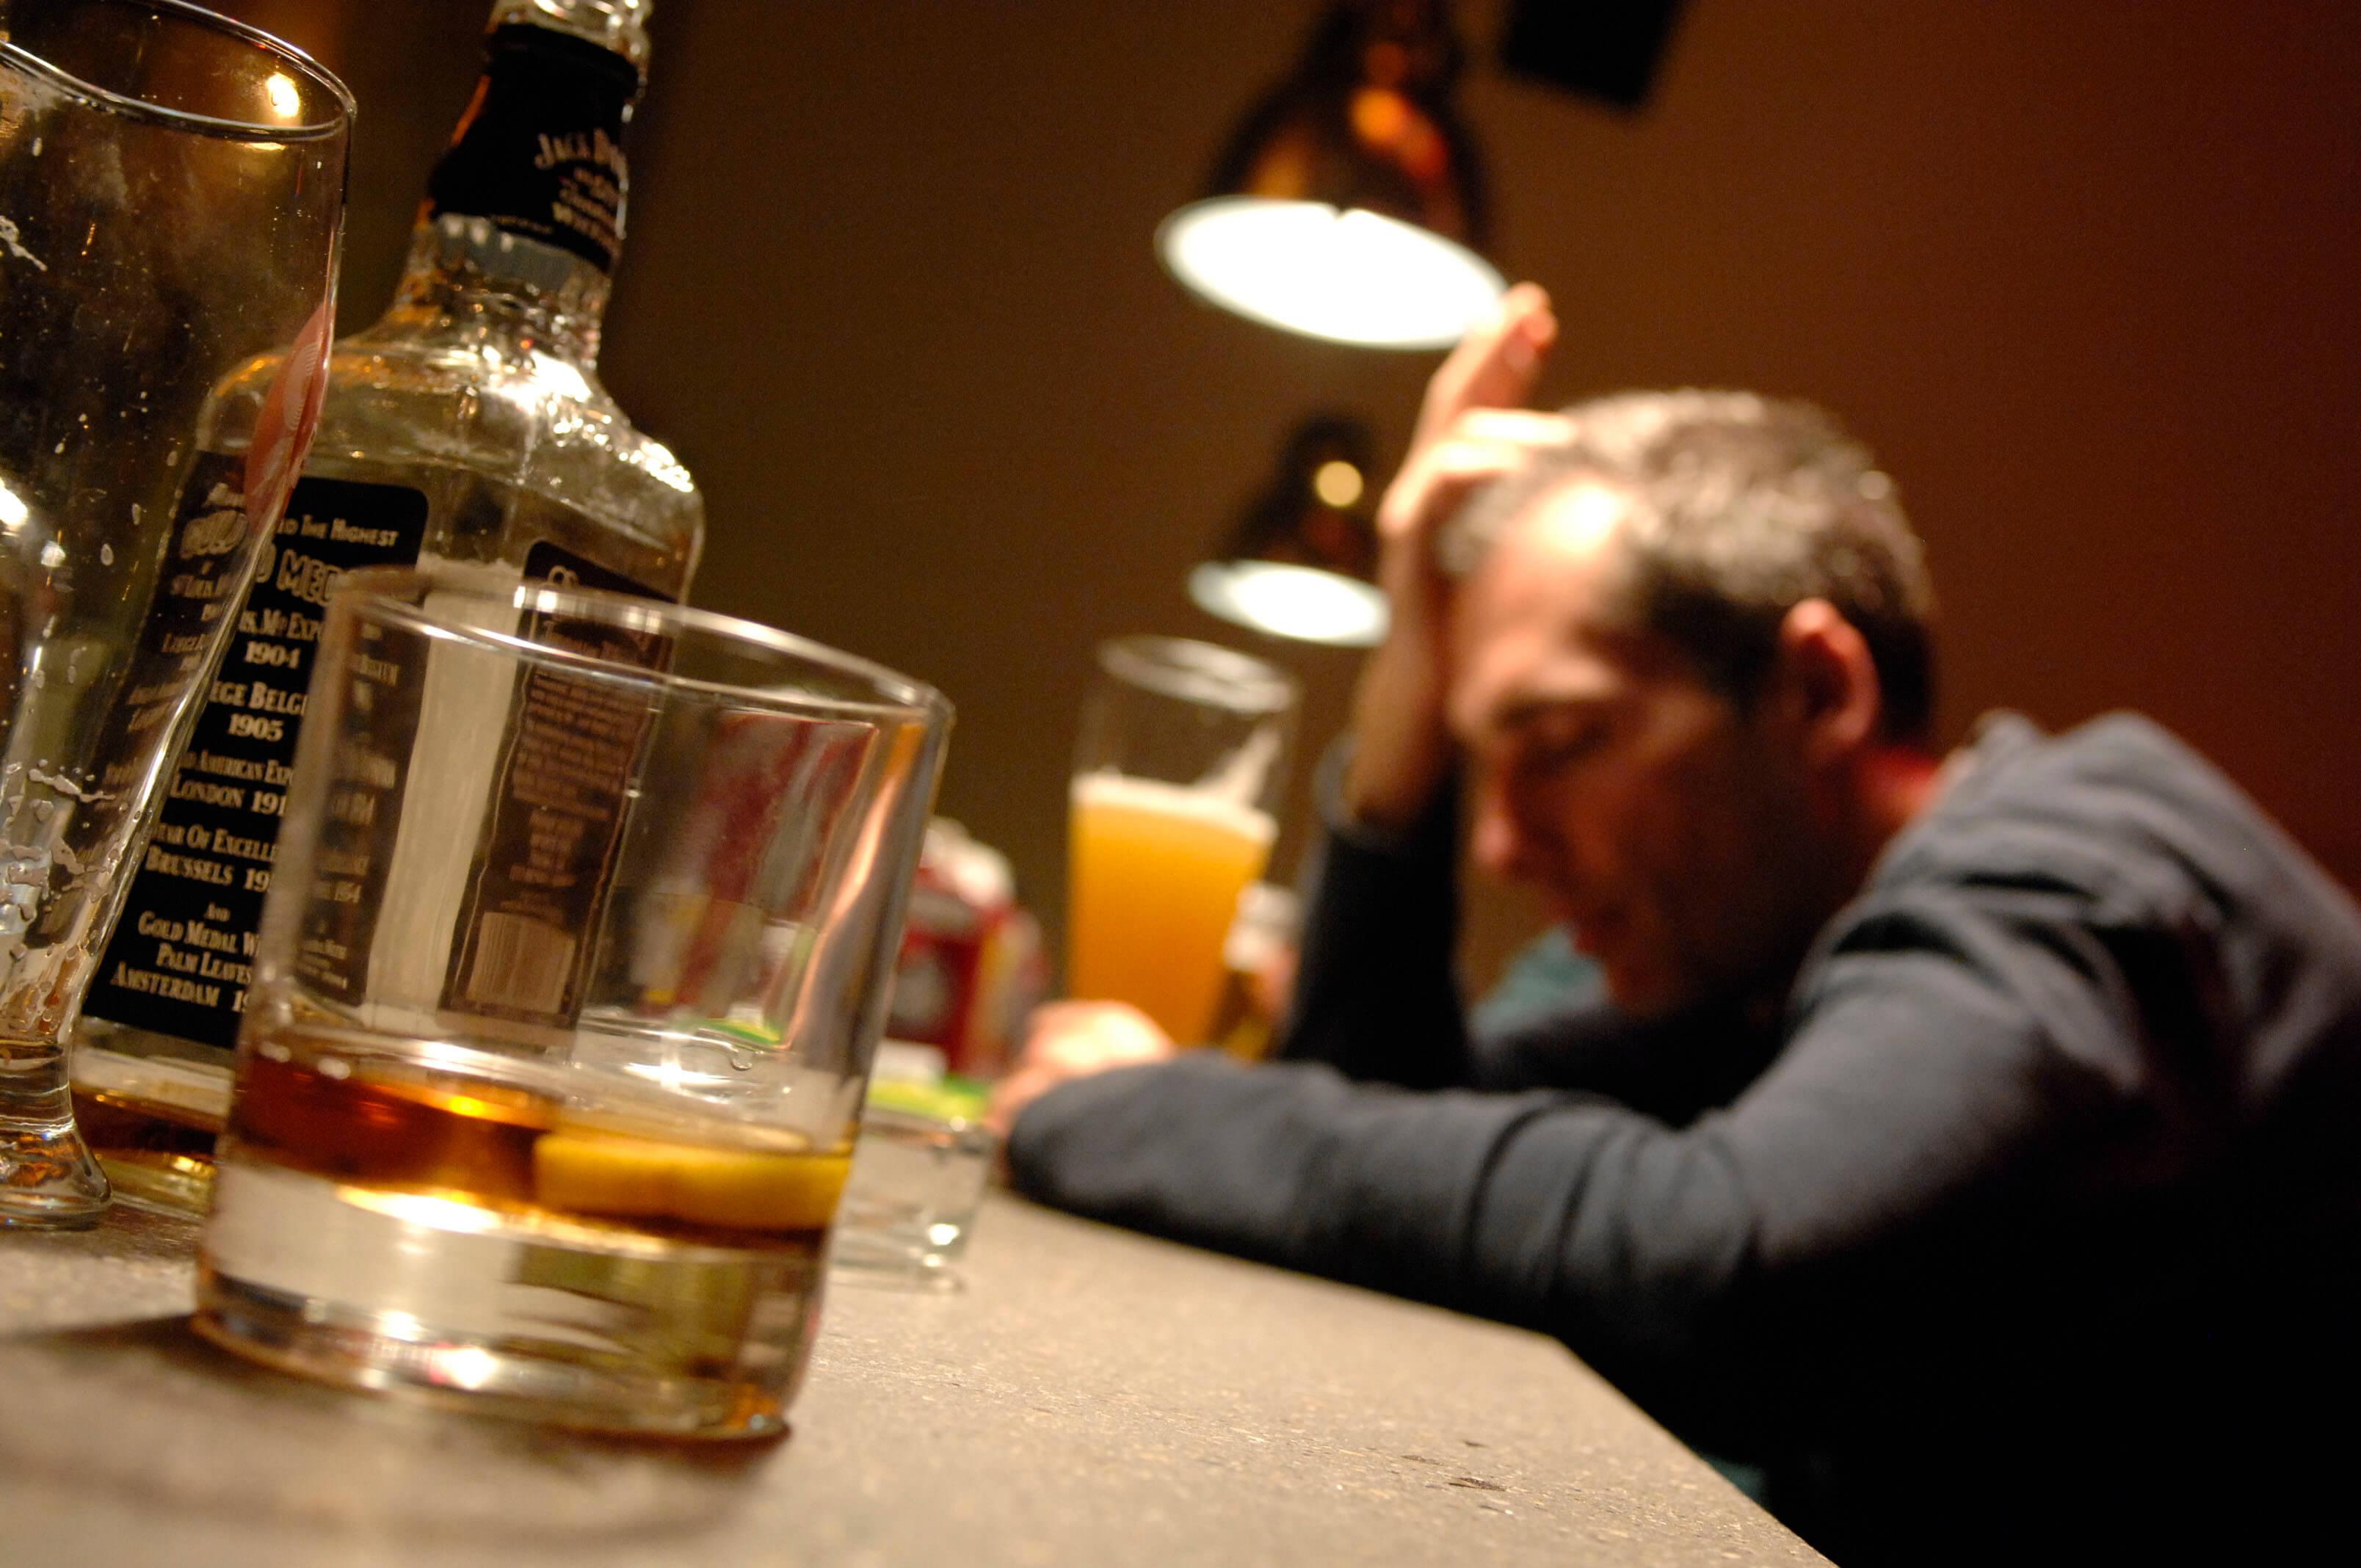 assunzione di sostanze alcoliche